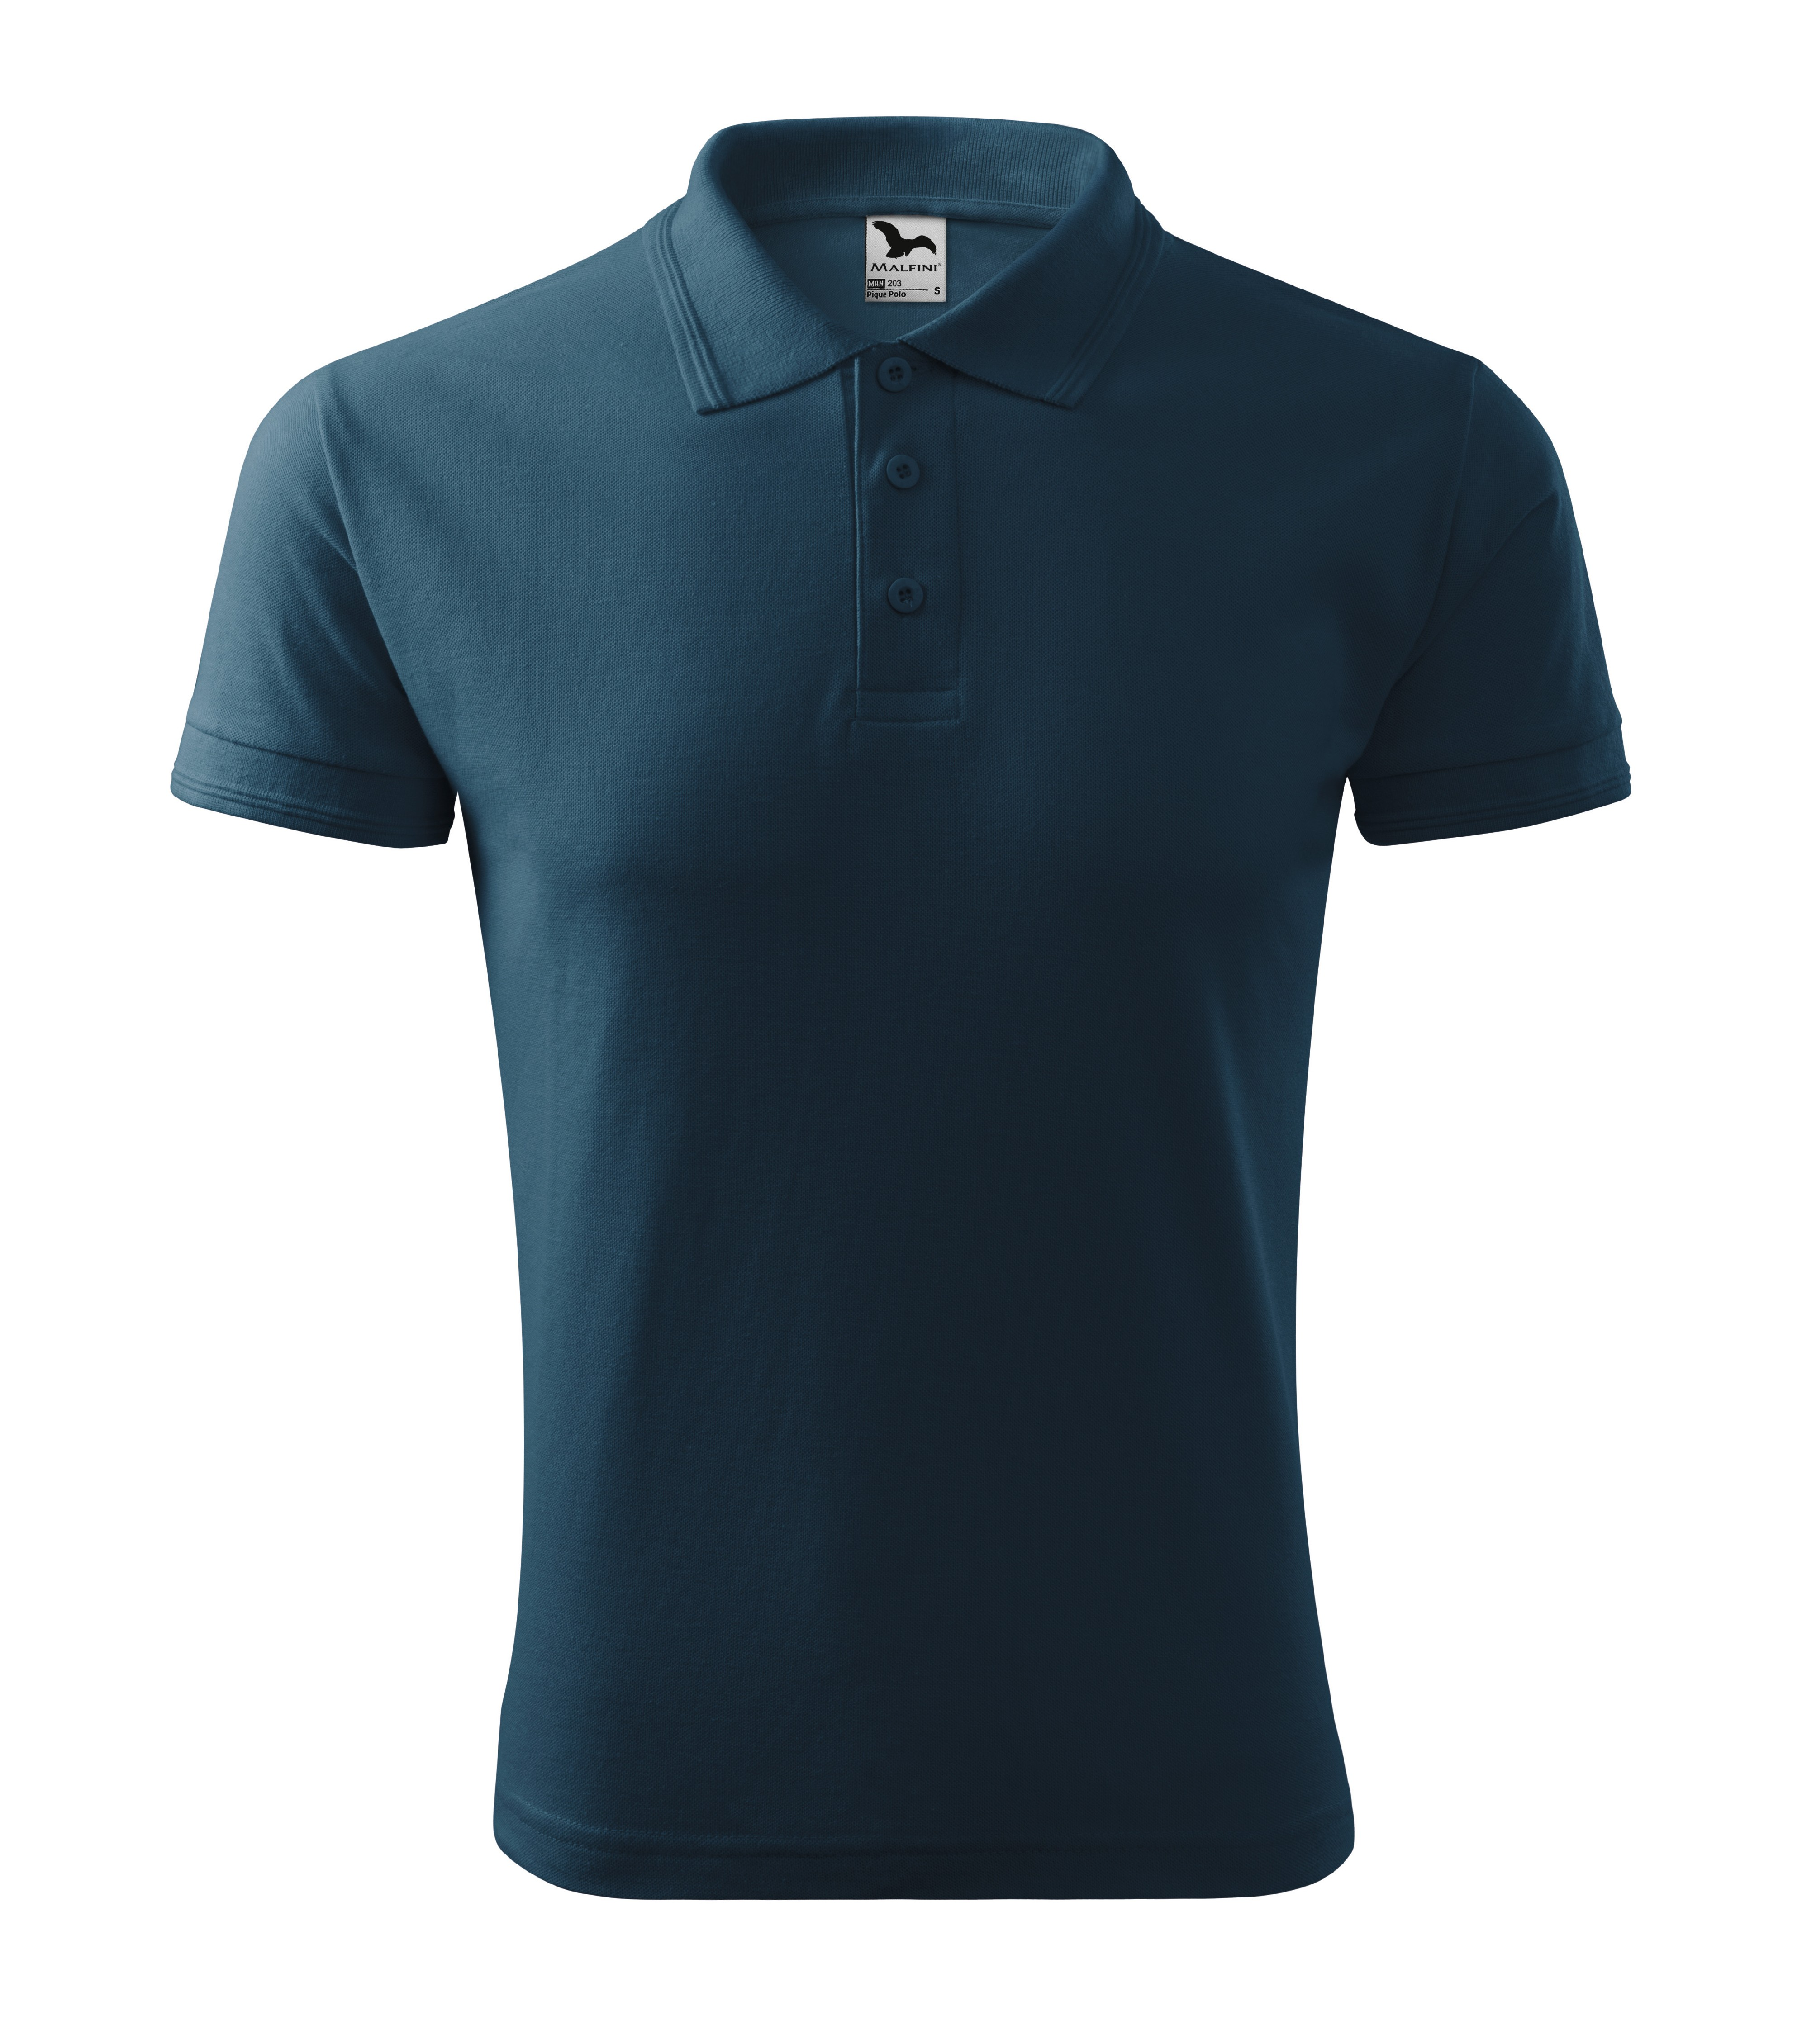 Polokošile pánská Pique Polo Barva: námořní modrá, Velikost: L